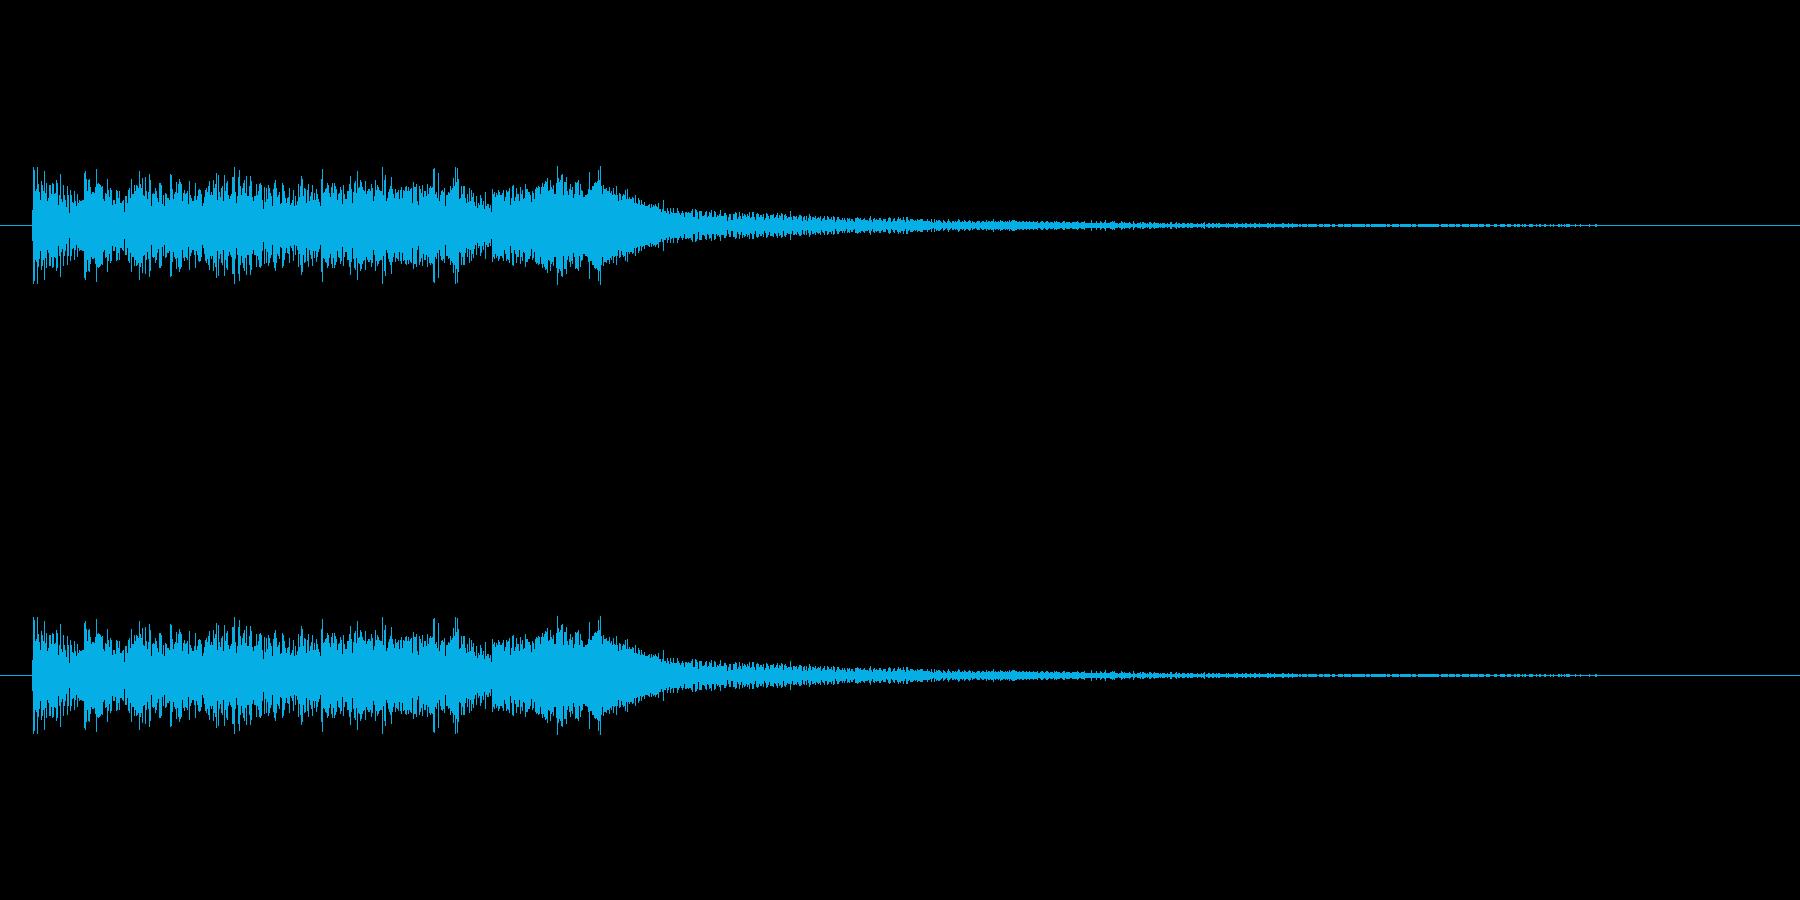 琴を鳴らしたような音(ゆっくり上昇)の再生済みの波形